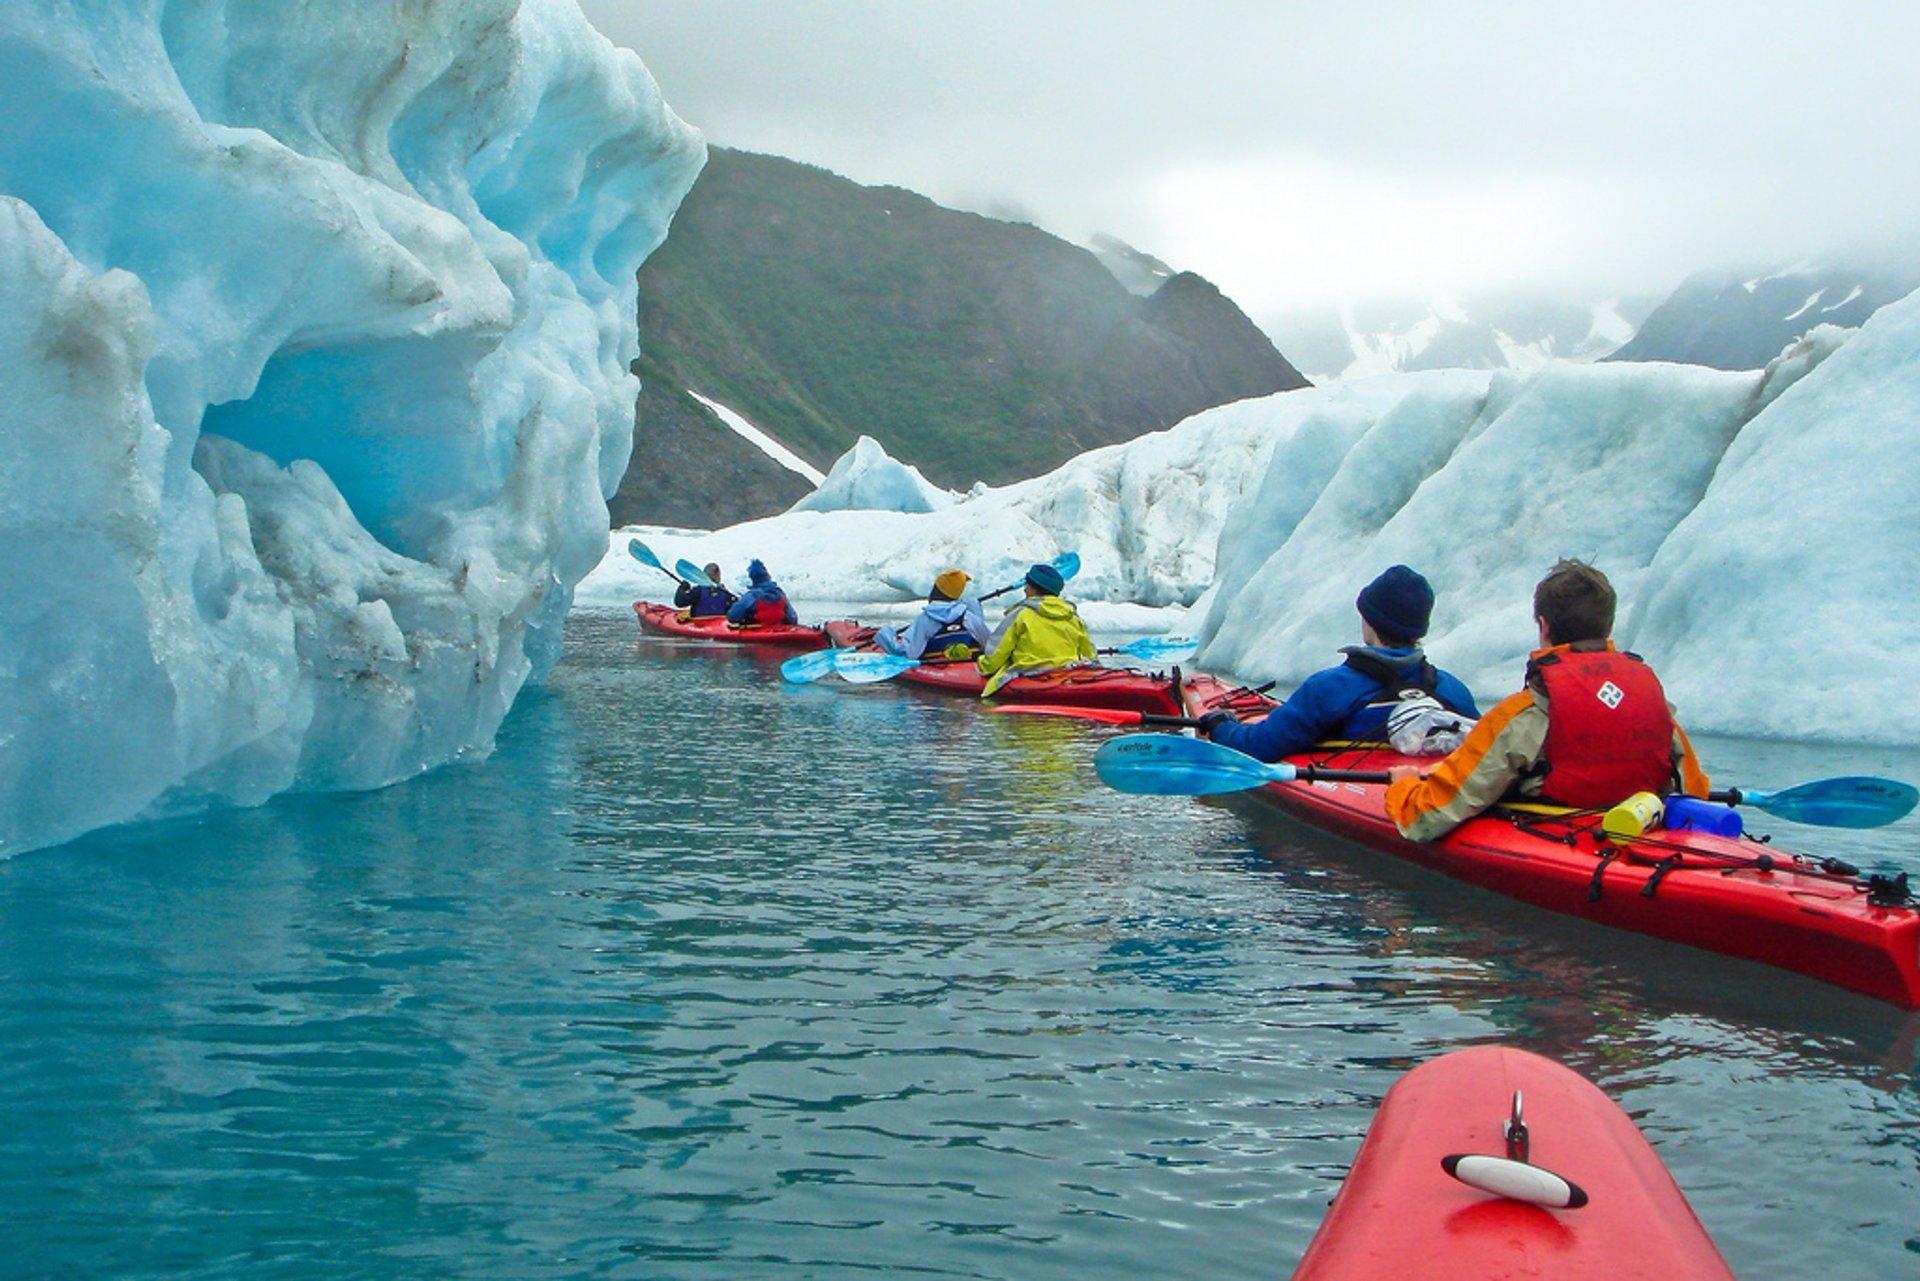 Kayaking among the Kenai Fjords in Alaska 2019 - Best Time